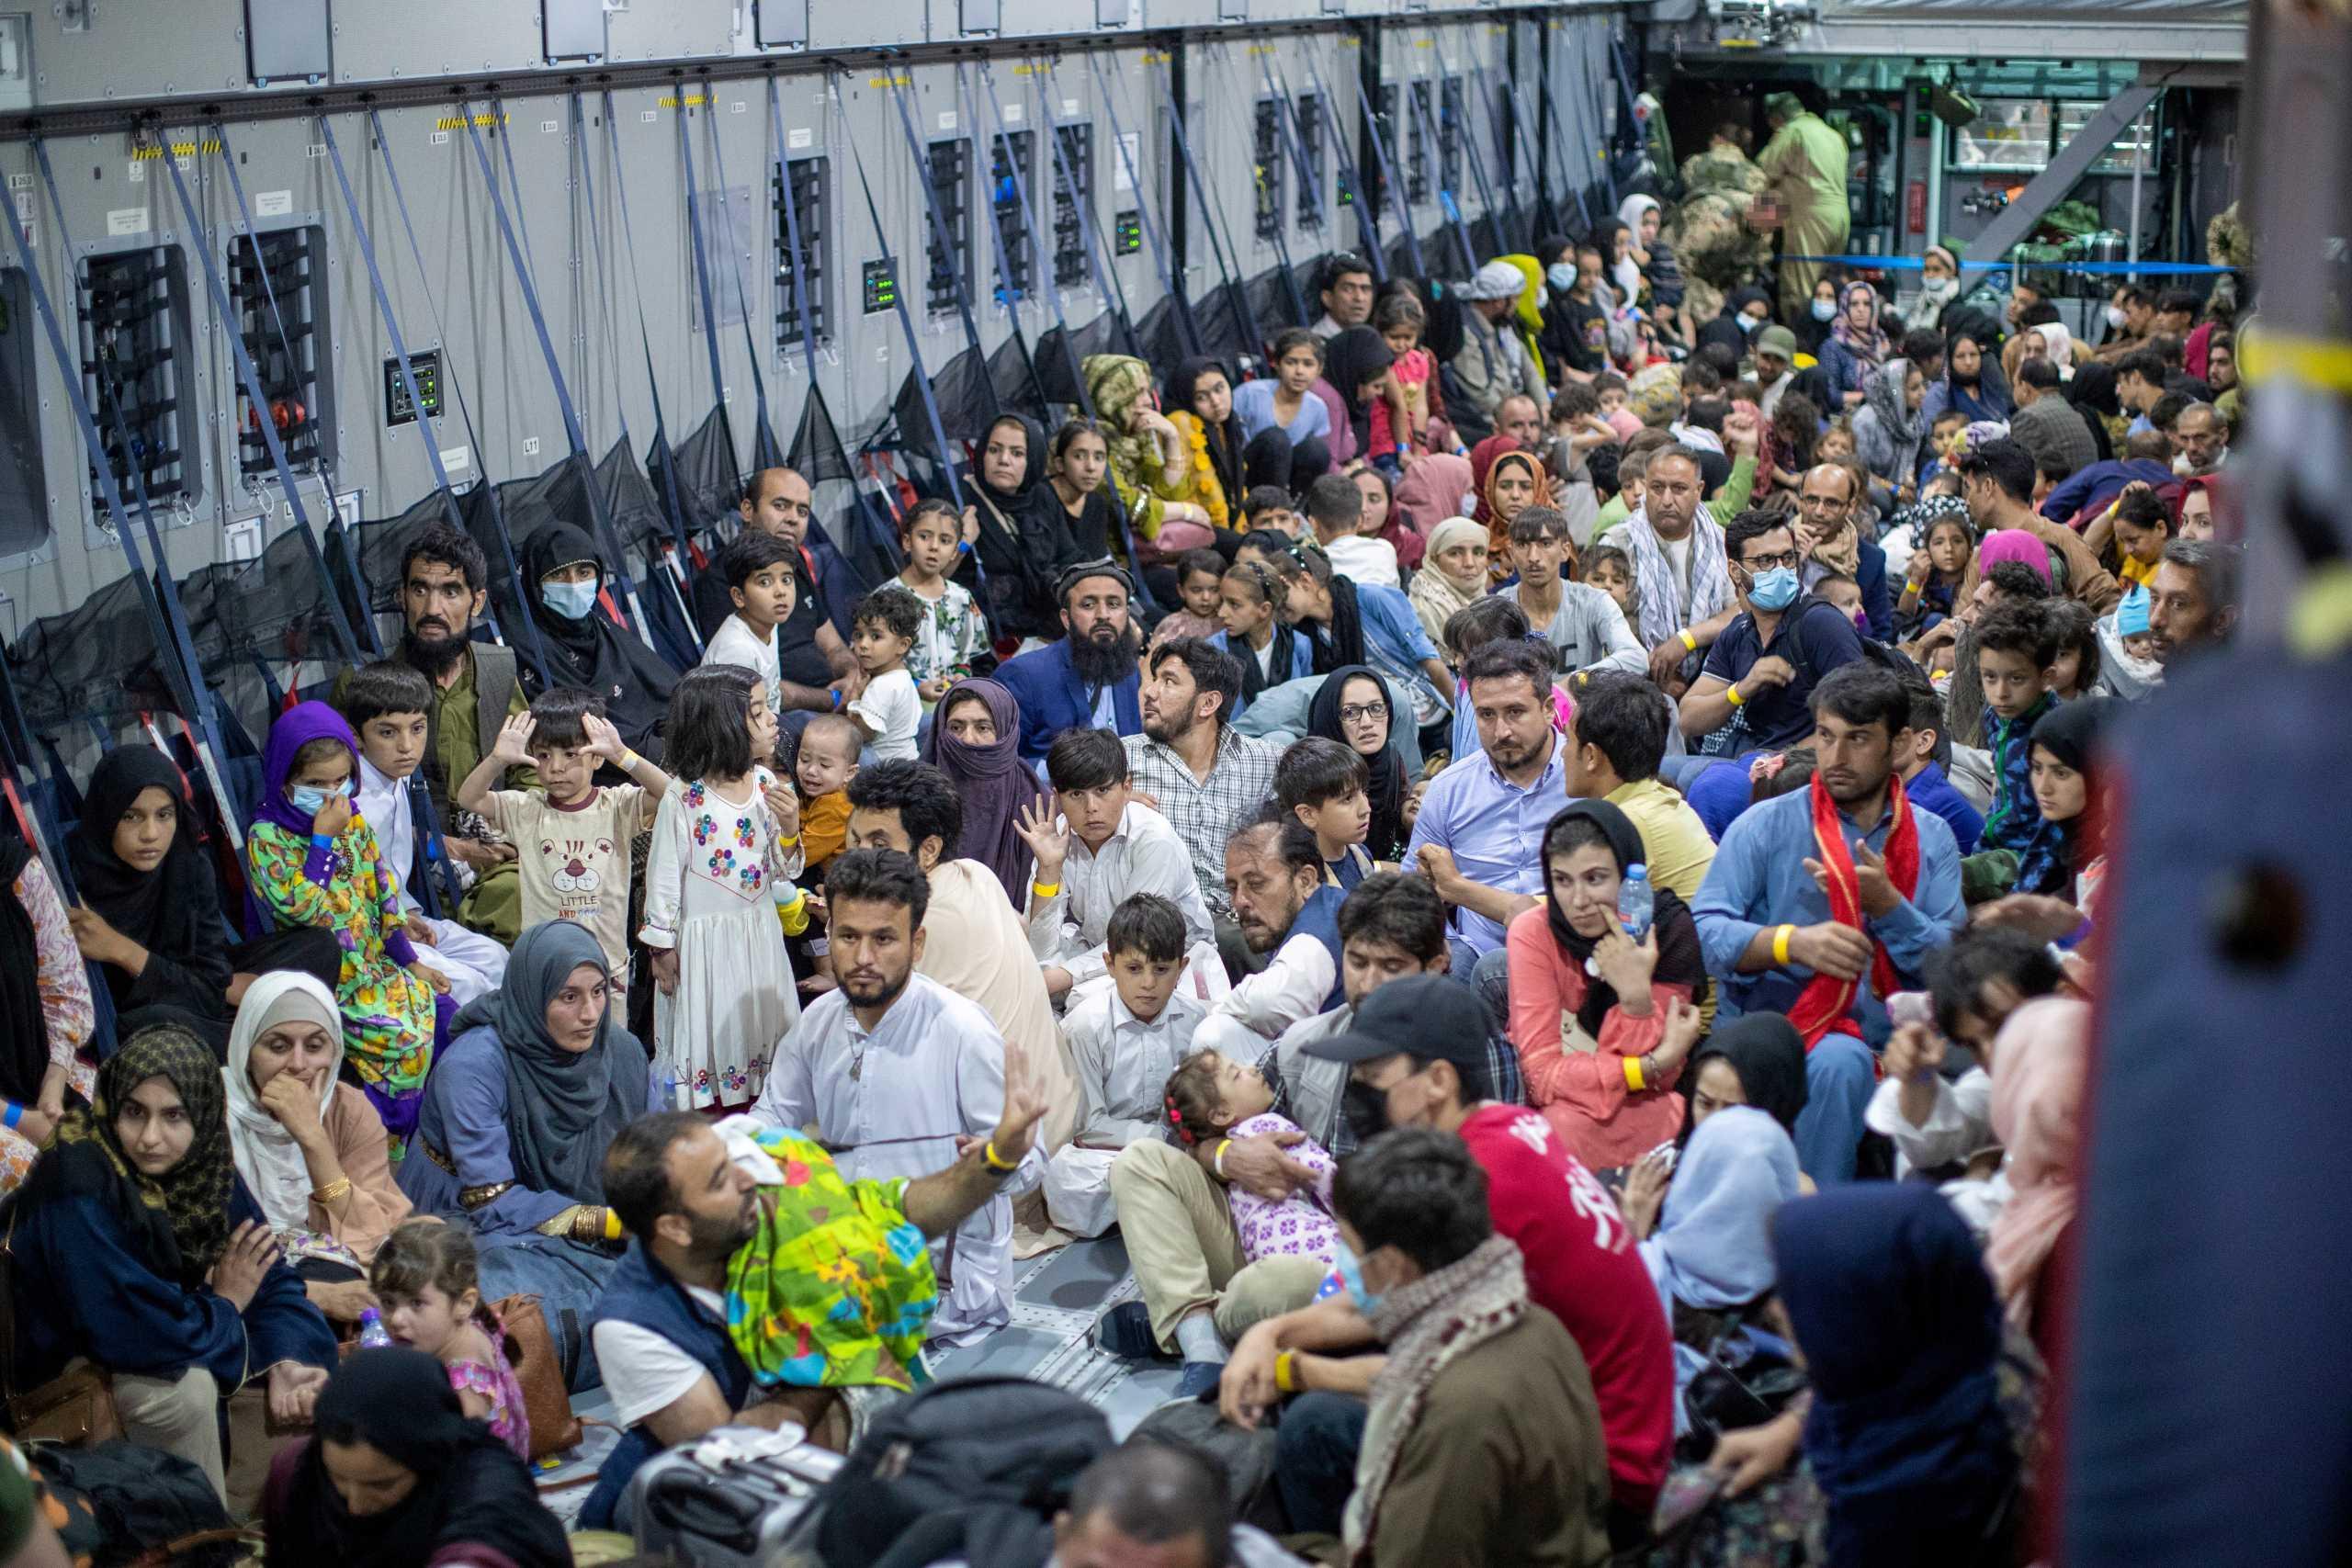 Αφγανιστάν: Η Ευρώπη έχει υποχρέωση στους πρόσφυγες – ΟΗΕ: Η μεγαλύτερη κρίση τώρα αρχίζει